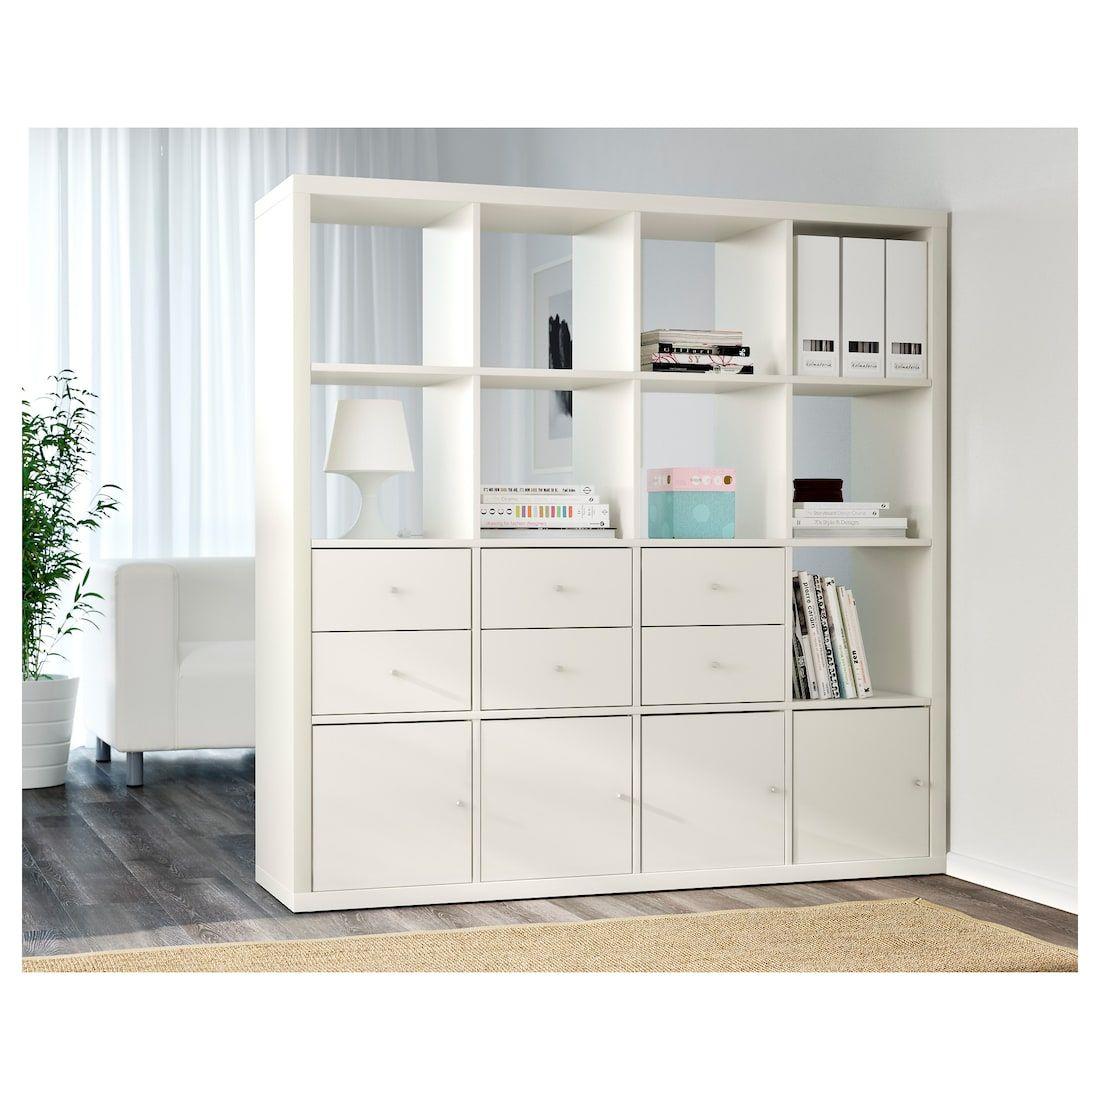 Ikea Kallax White Shelf Unit Inspiring Ideas In 2019